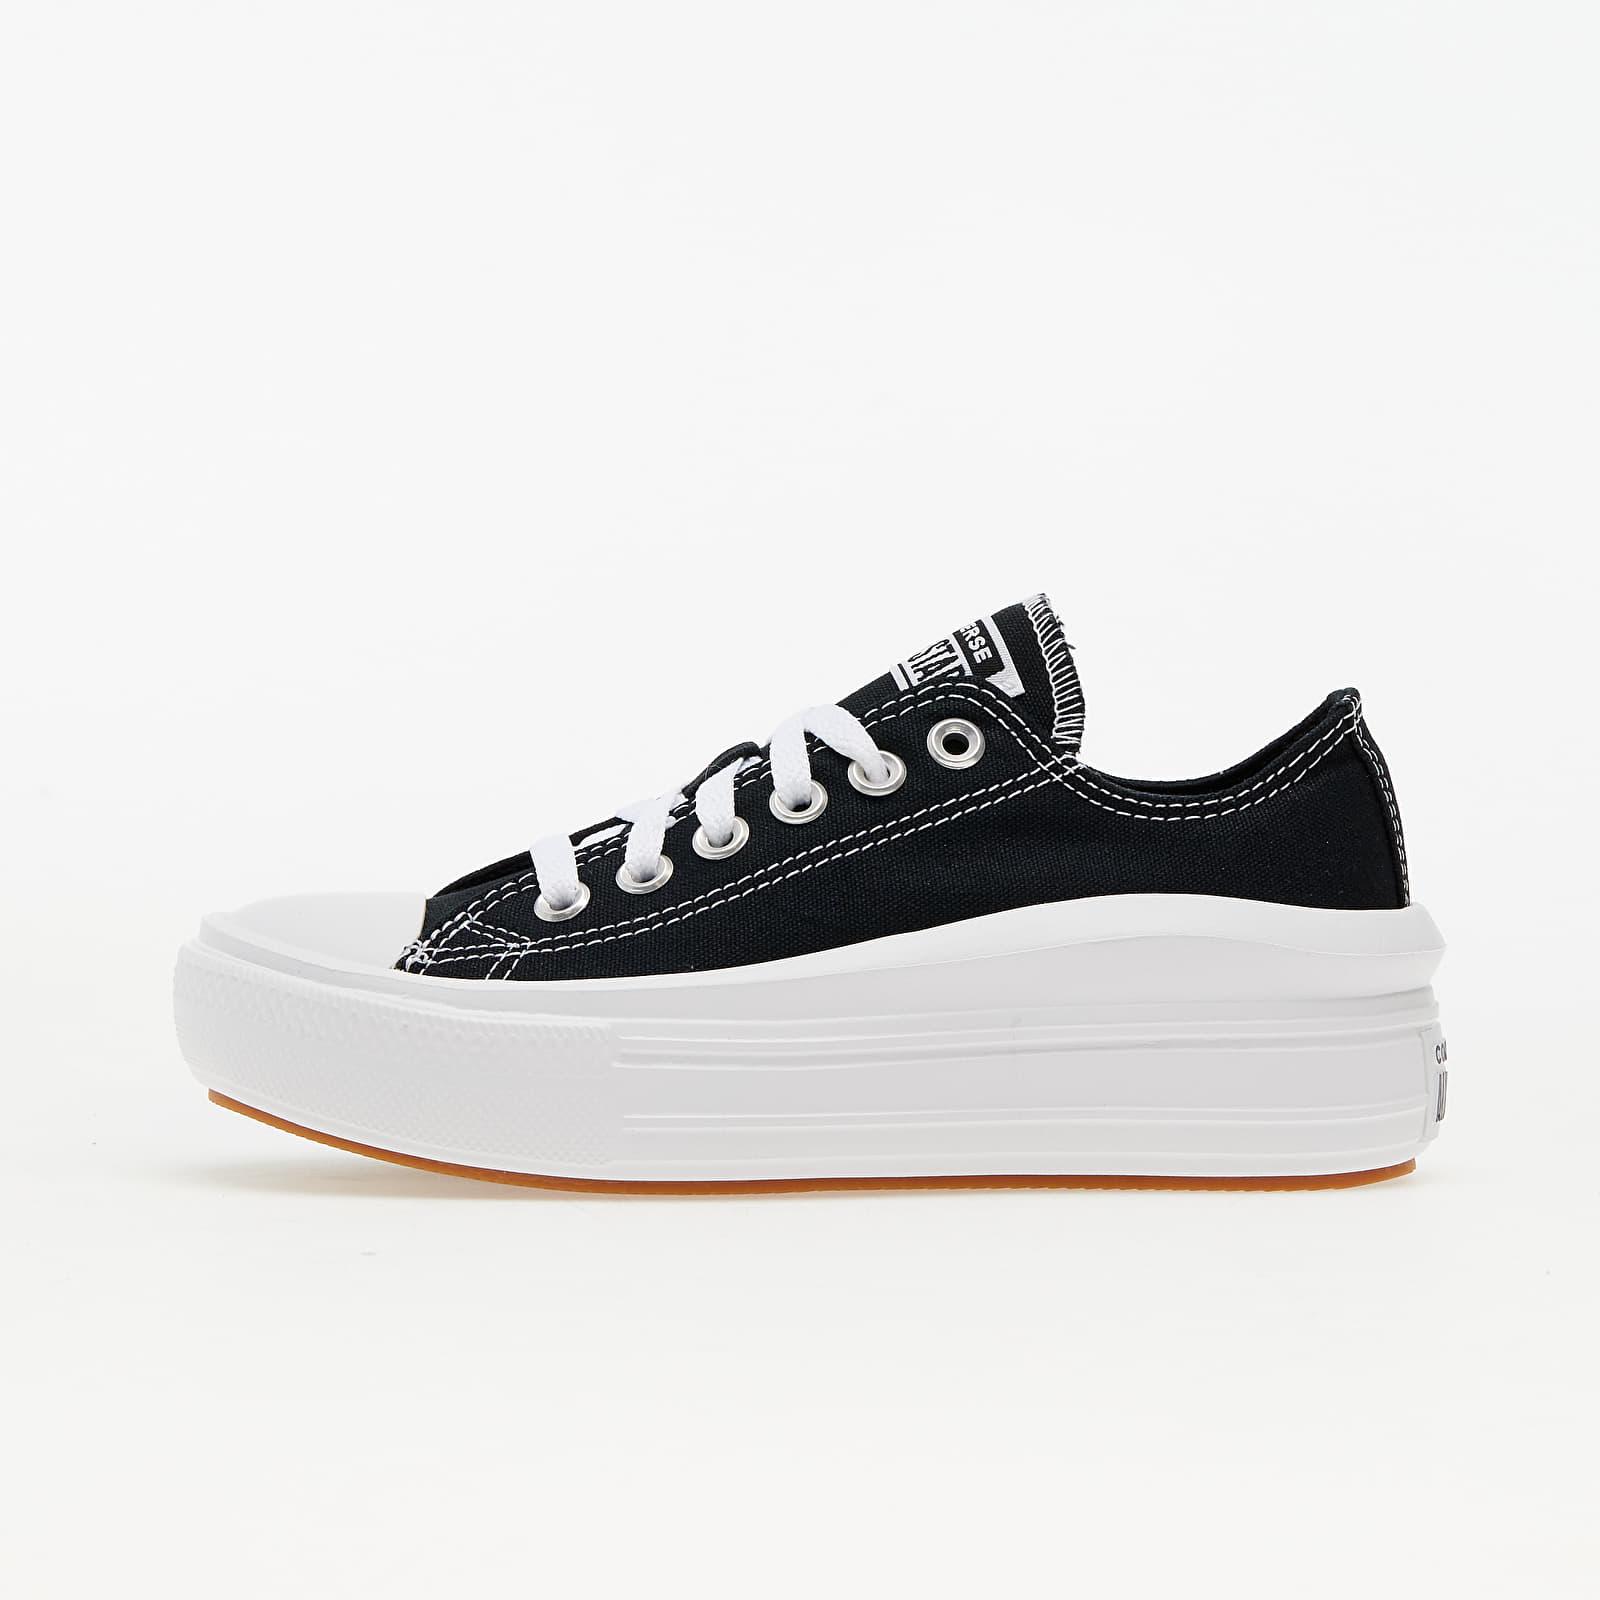 Converse Chuck Taylor All Star Move OX Black/ White/ White 570256C